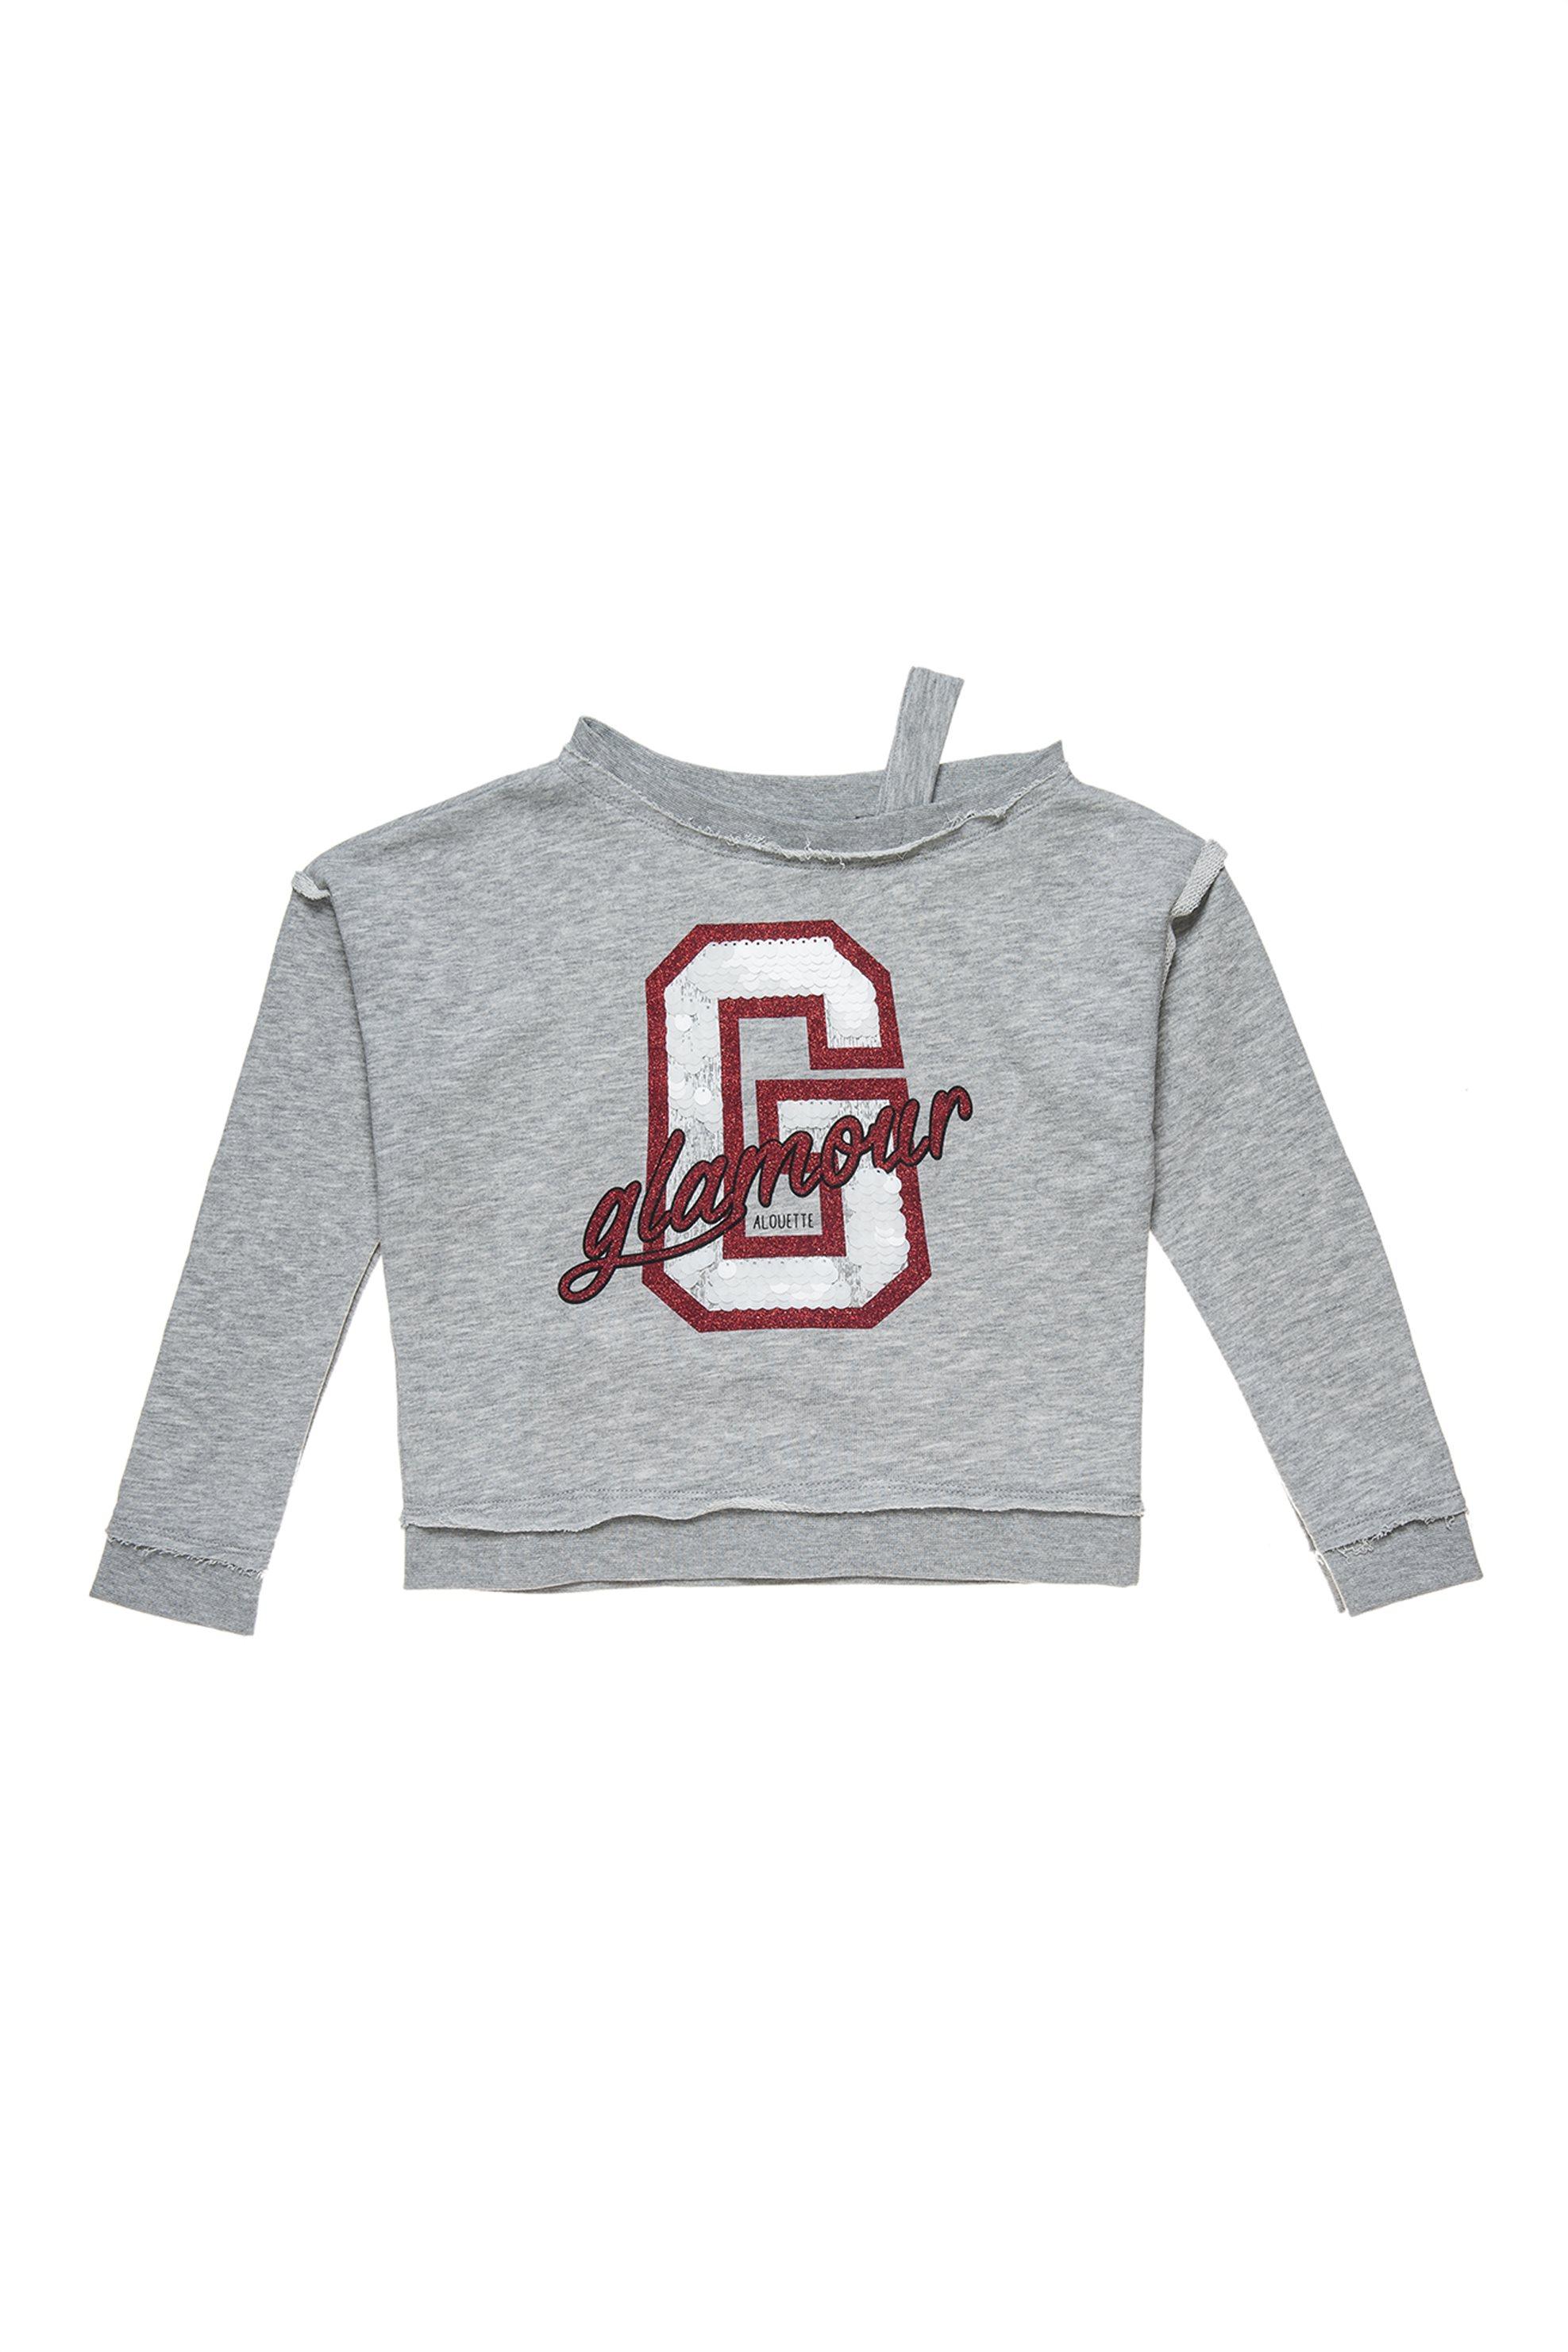 Αlouette παιδική μπλούζα φούτερ με έναν ώμο και τύπωμα με παγιέτες - 00922286 -  παιδι   κοριτσι   4 14 ετων   tops   παντελόνια   μπλούζες   πουκάμισα   μπλούζε